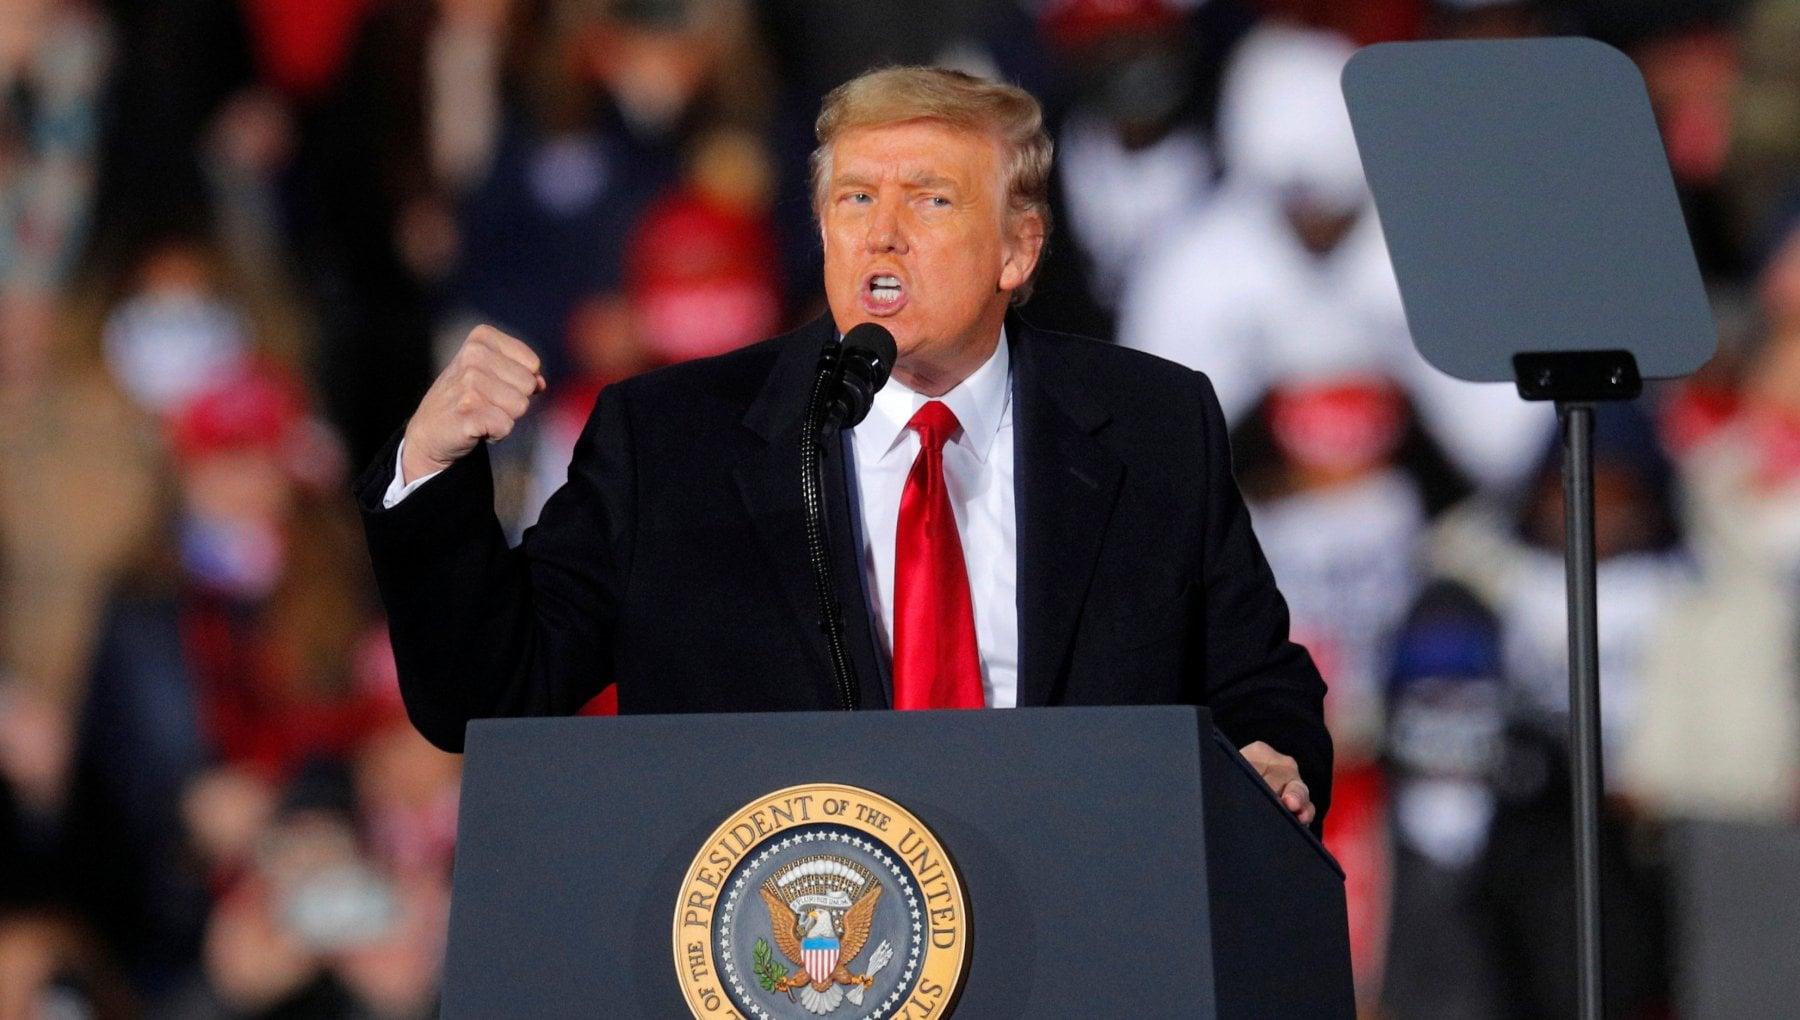 """044531255 84e762fd 0979 4dba 8fbe b2ad618fca39 - Trump: """"Hanno truccato l'elezione presidenziale. Georgia ultima linea difesa per salvare l'America"""""""